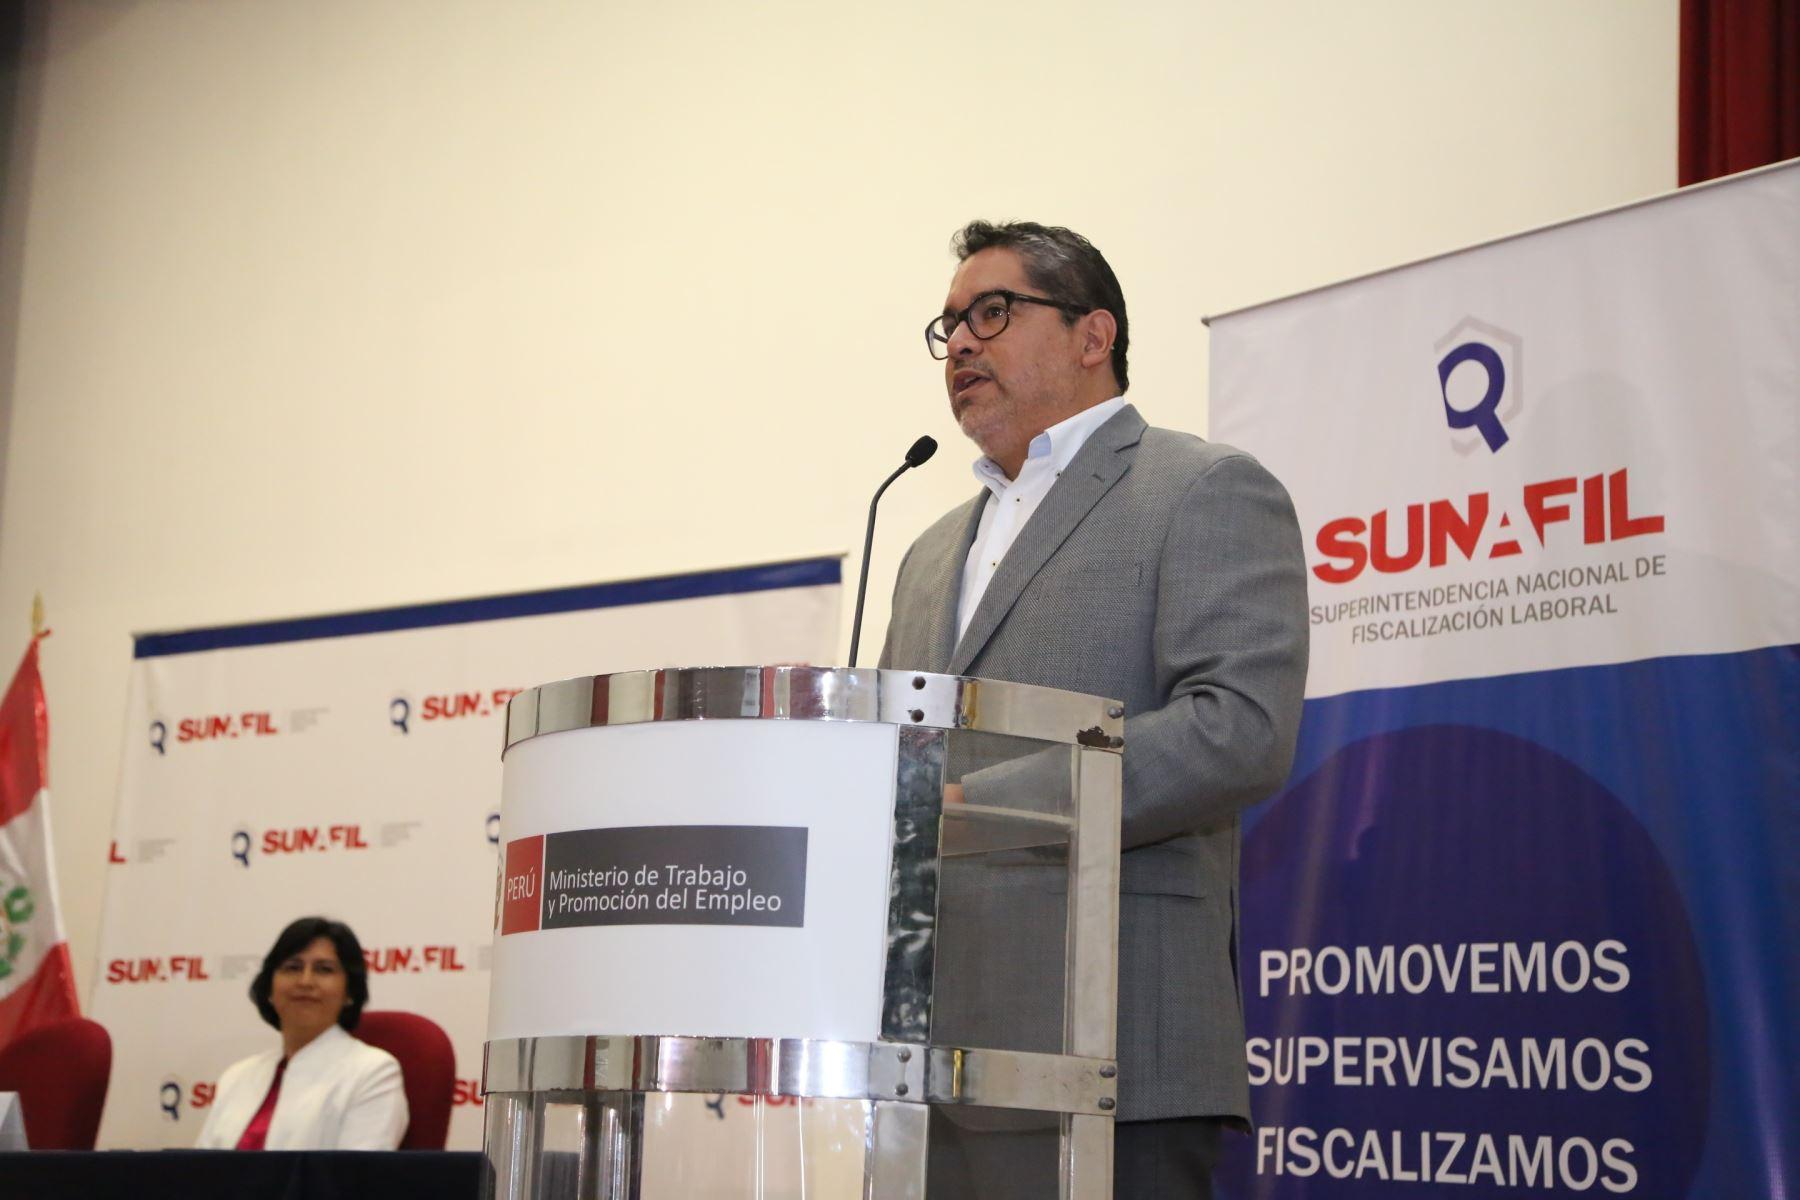 Superintendente Nacional de Fiscalización Laboral, Juan Carlos Requejo.